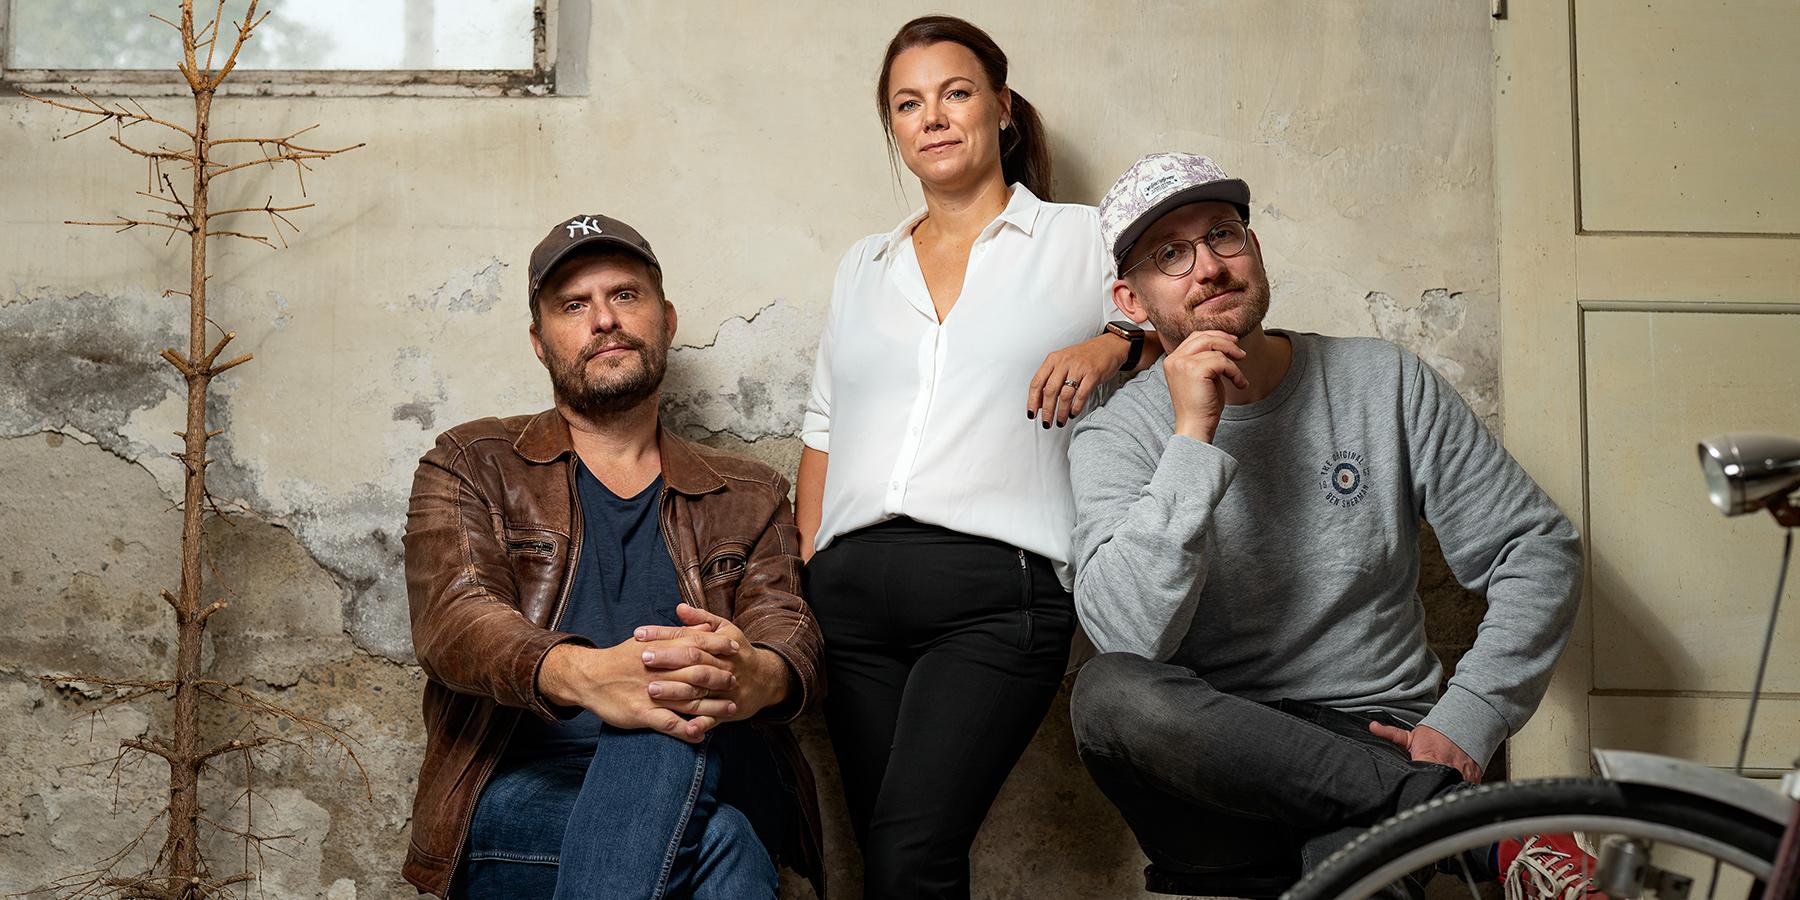 Jan Axelsson, Red Carpet Media, till vänster på bilden, tillsammans med medarbetarna Jennie Tinderfjäll och Arvid Sundqvist.